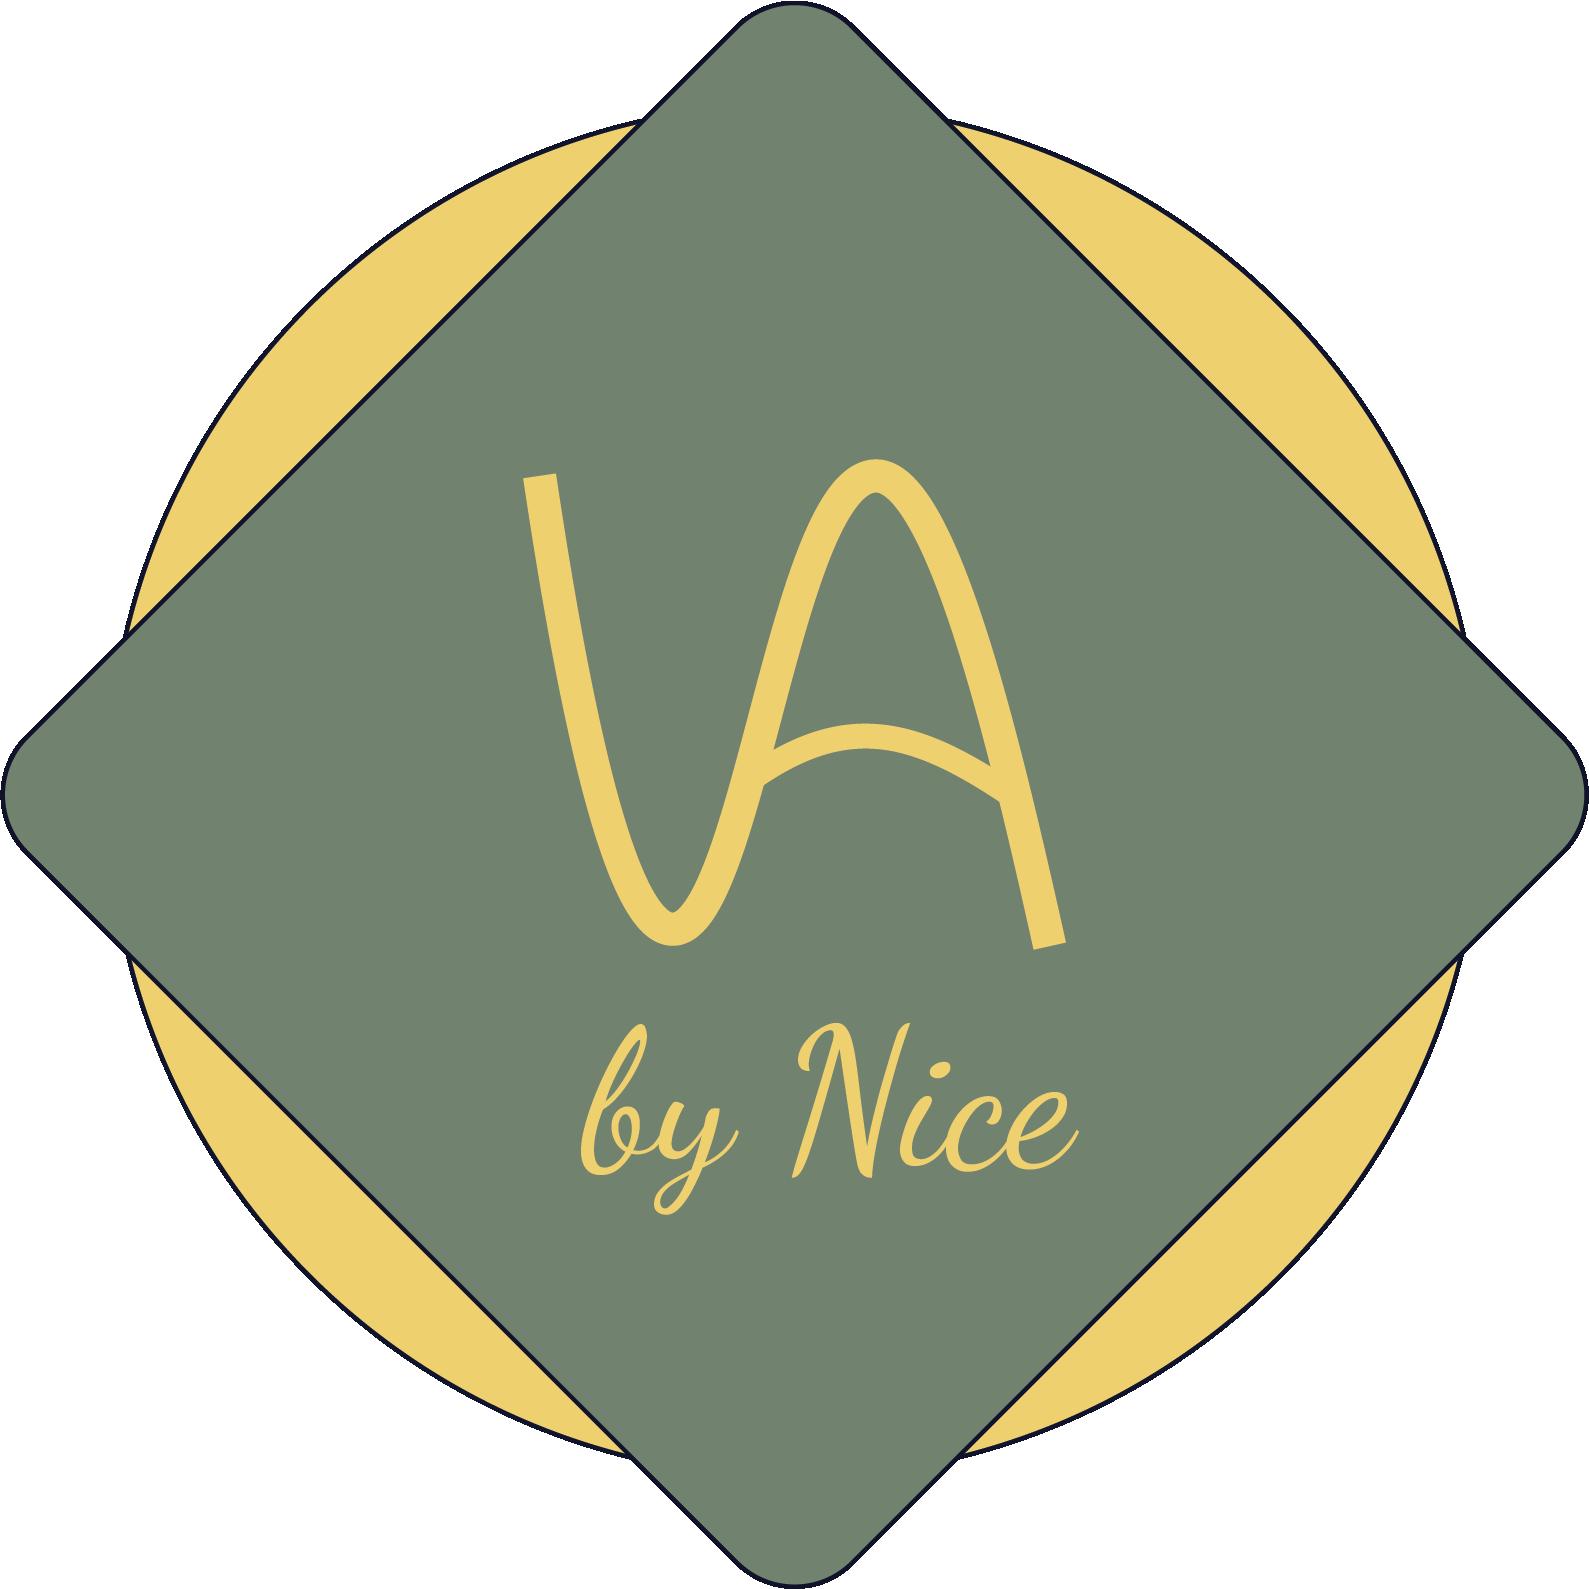 VA by Nice